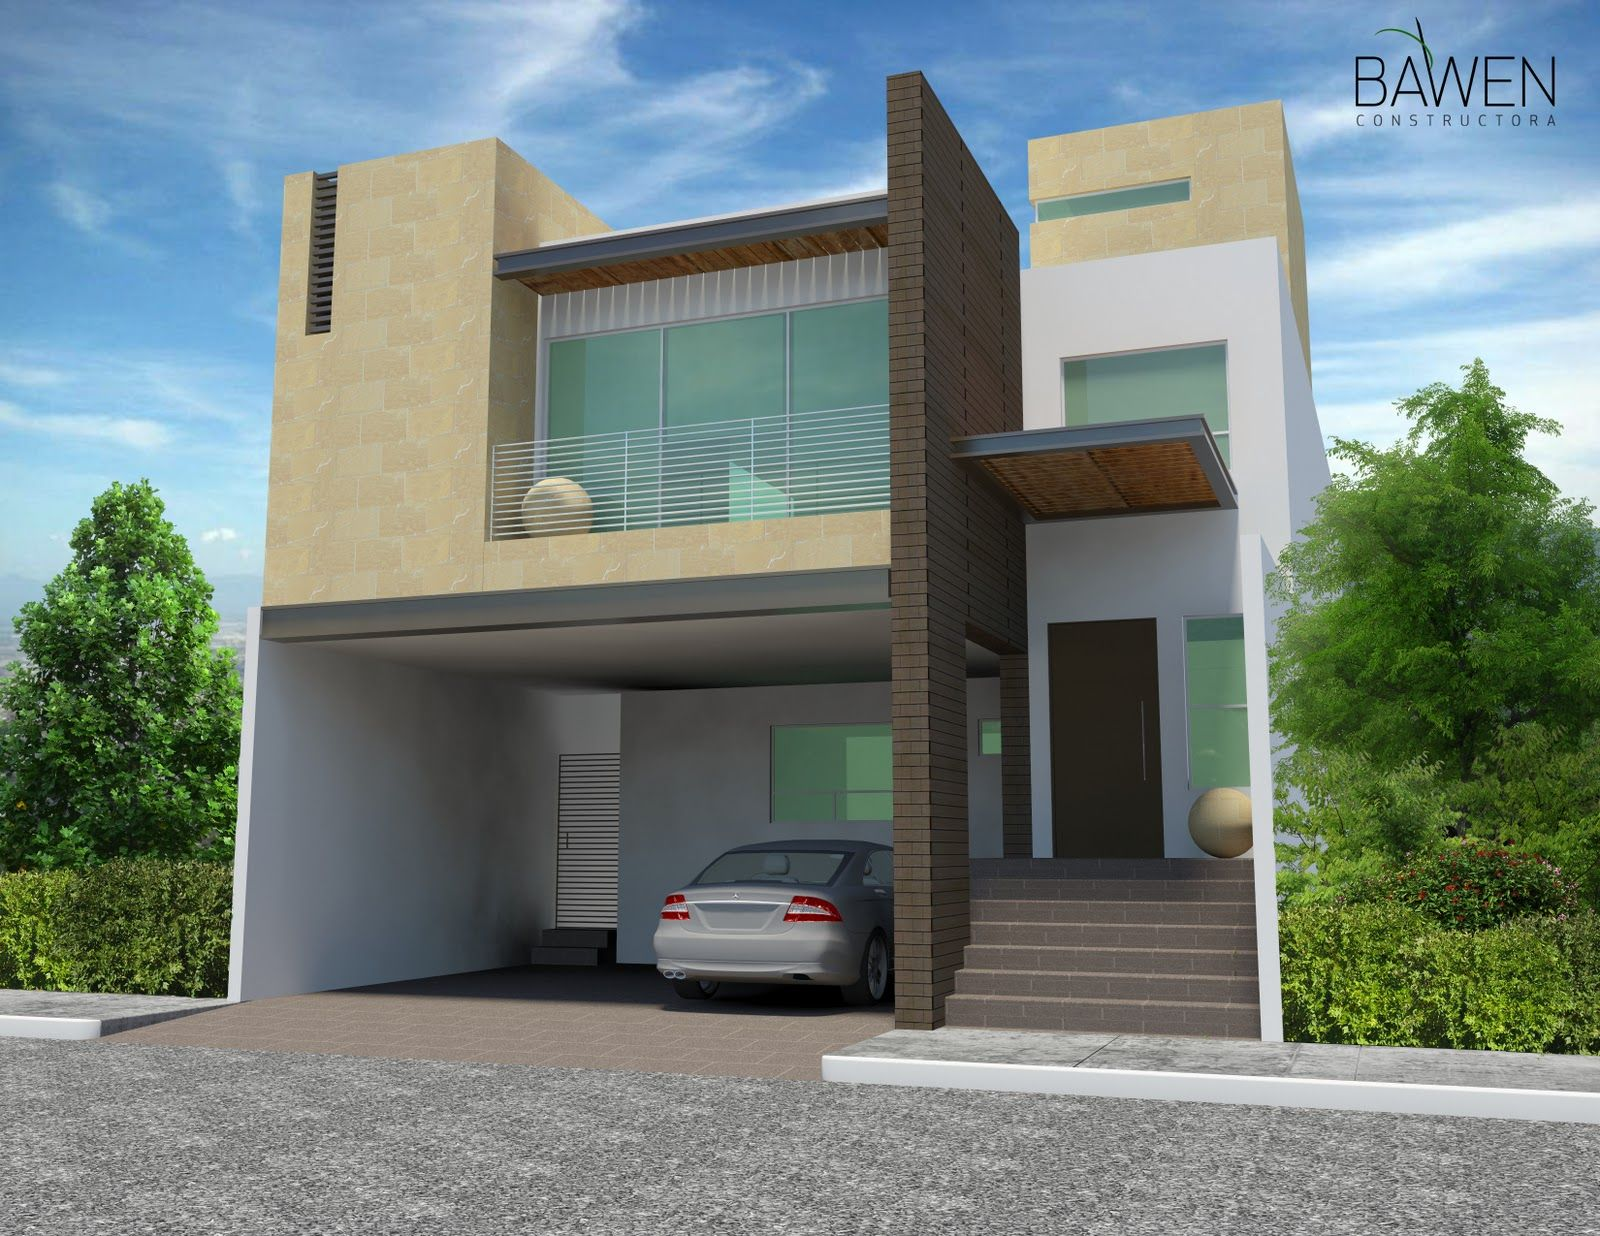 Renders fachadas casas modernas genuardis portal mi casa for Fachadas de casas modernas puerto rico